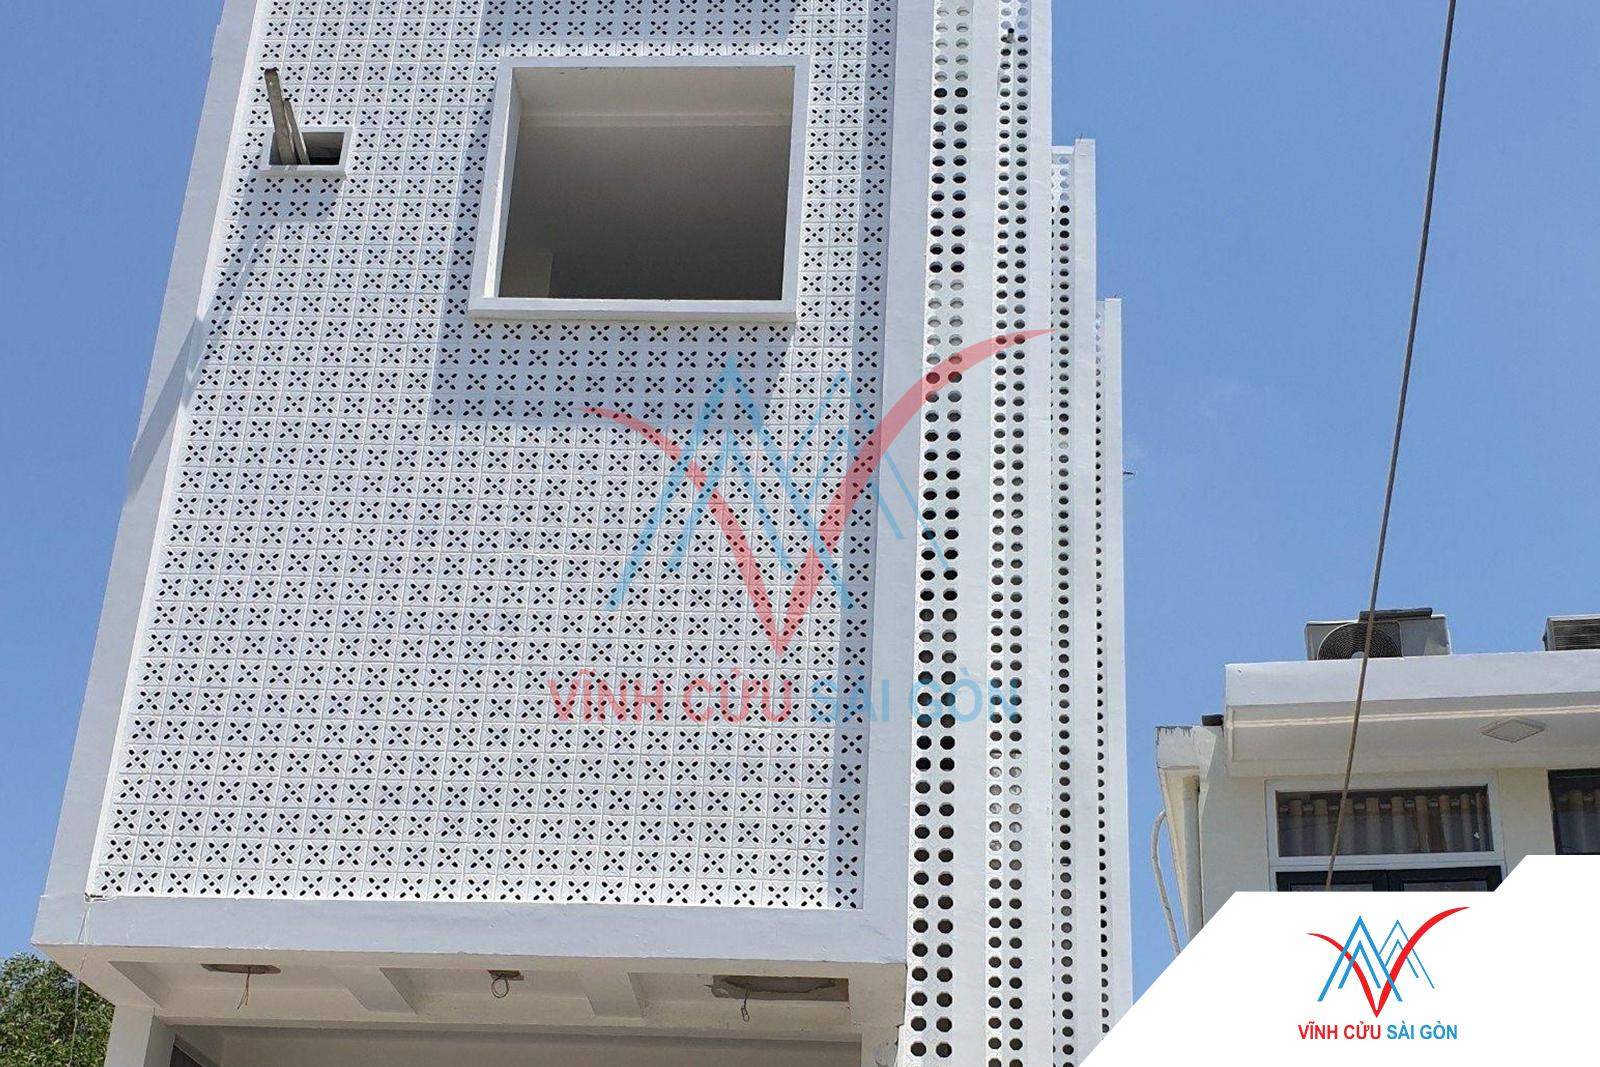 Công trình thực tế sử dụng gạch bông gió mỹ thuật VCB-026 trắng (190x190x65 mm)-0